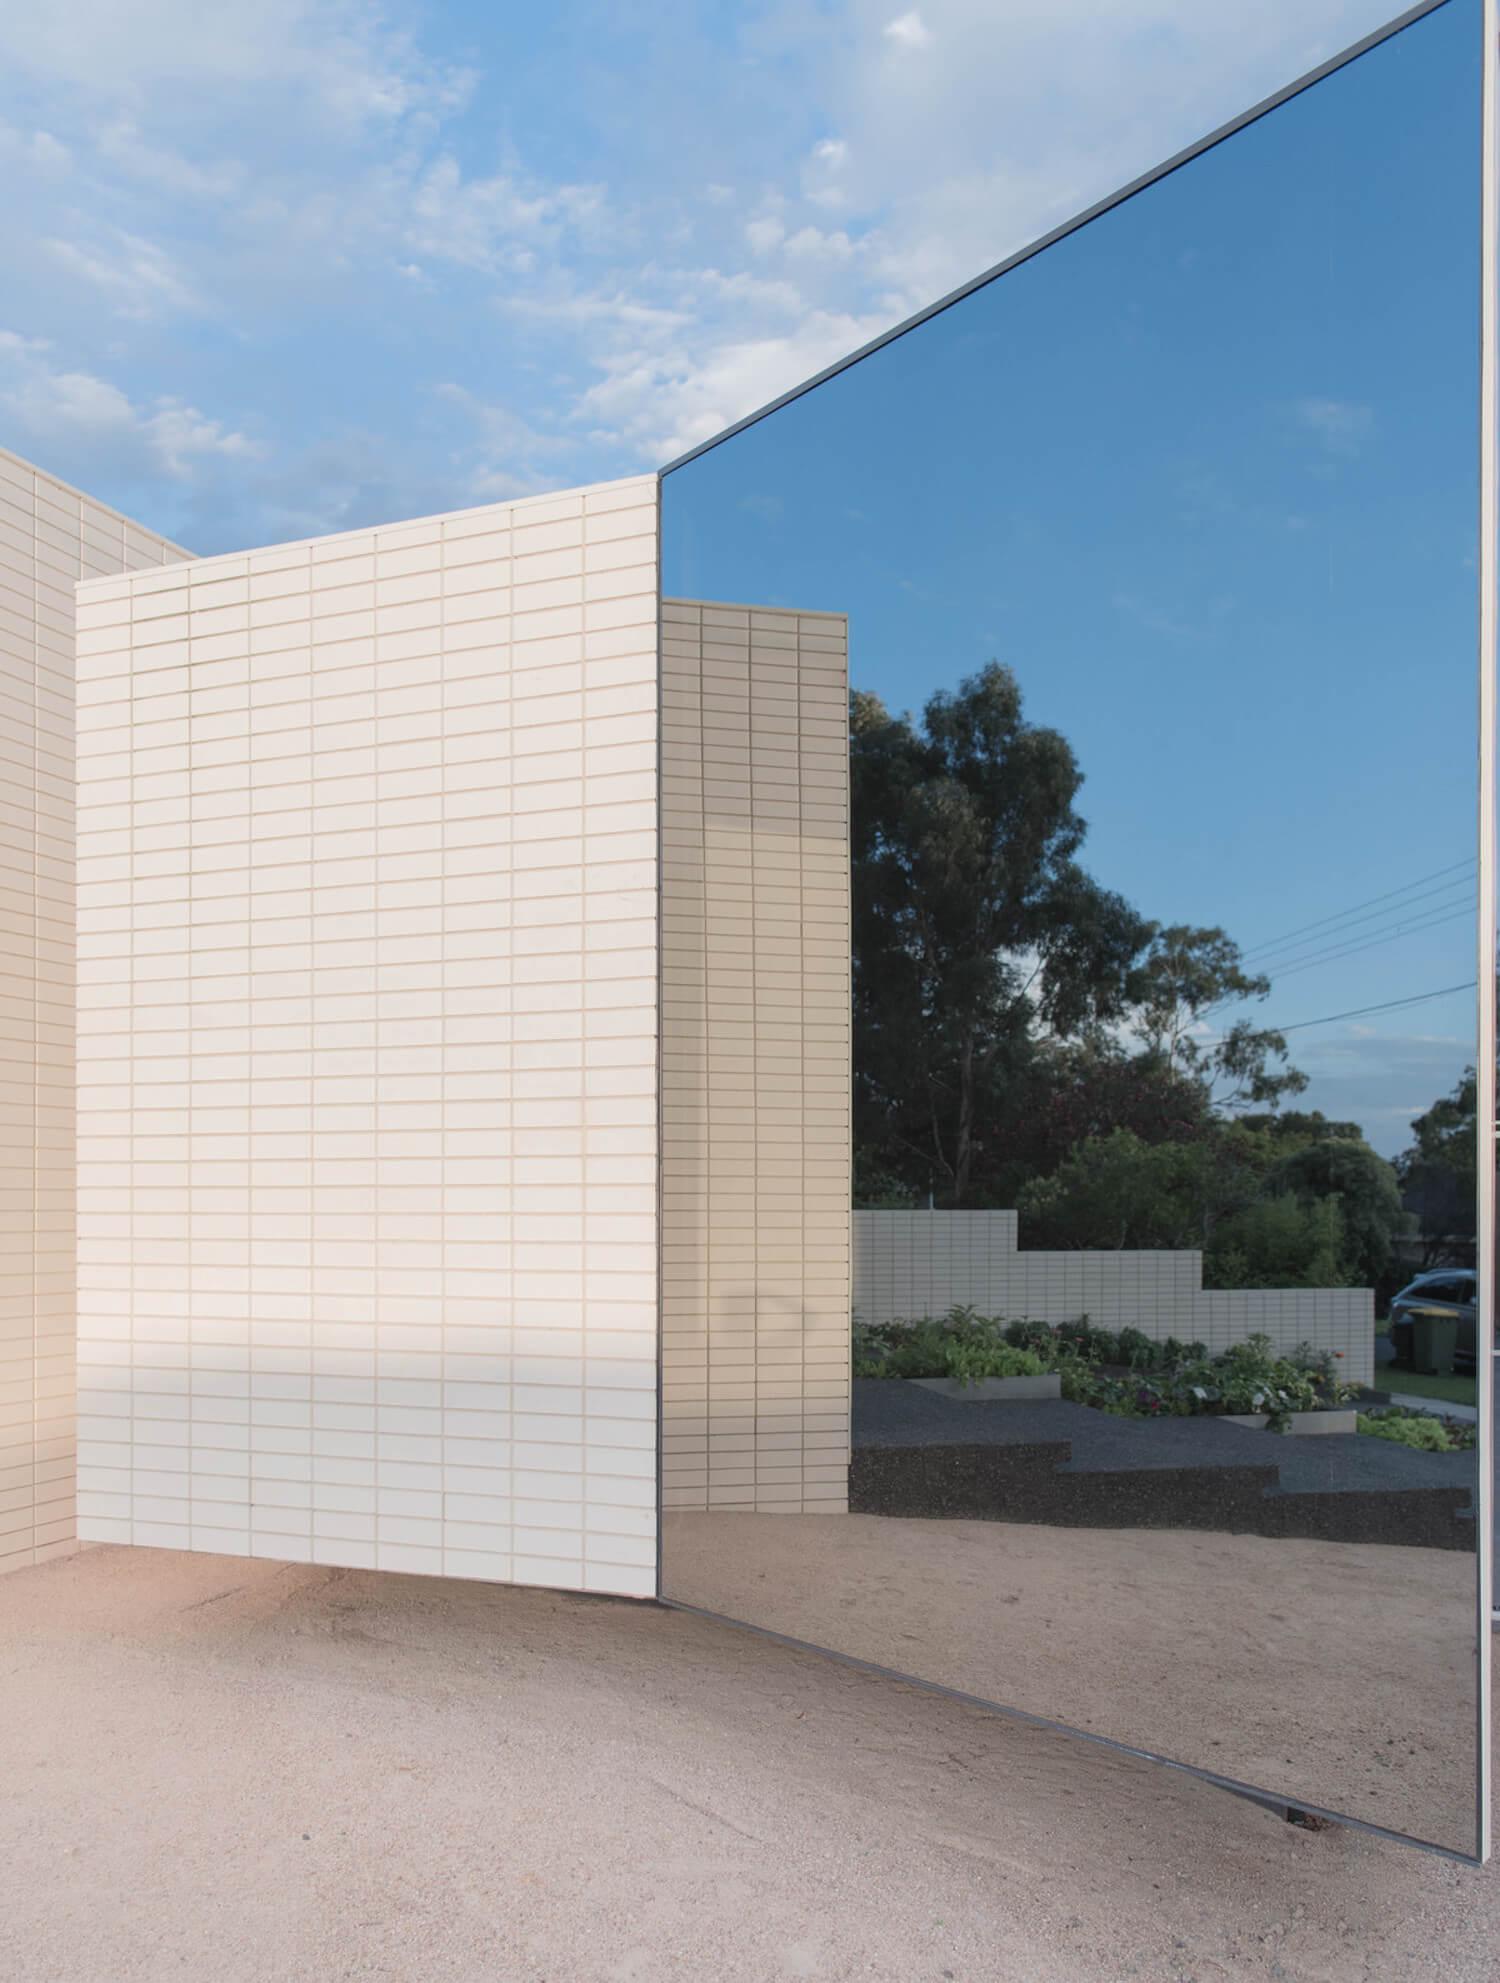 est living interiors ivanhoe home kavellaris urban design 2